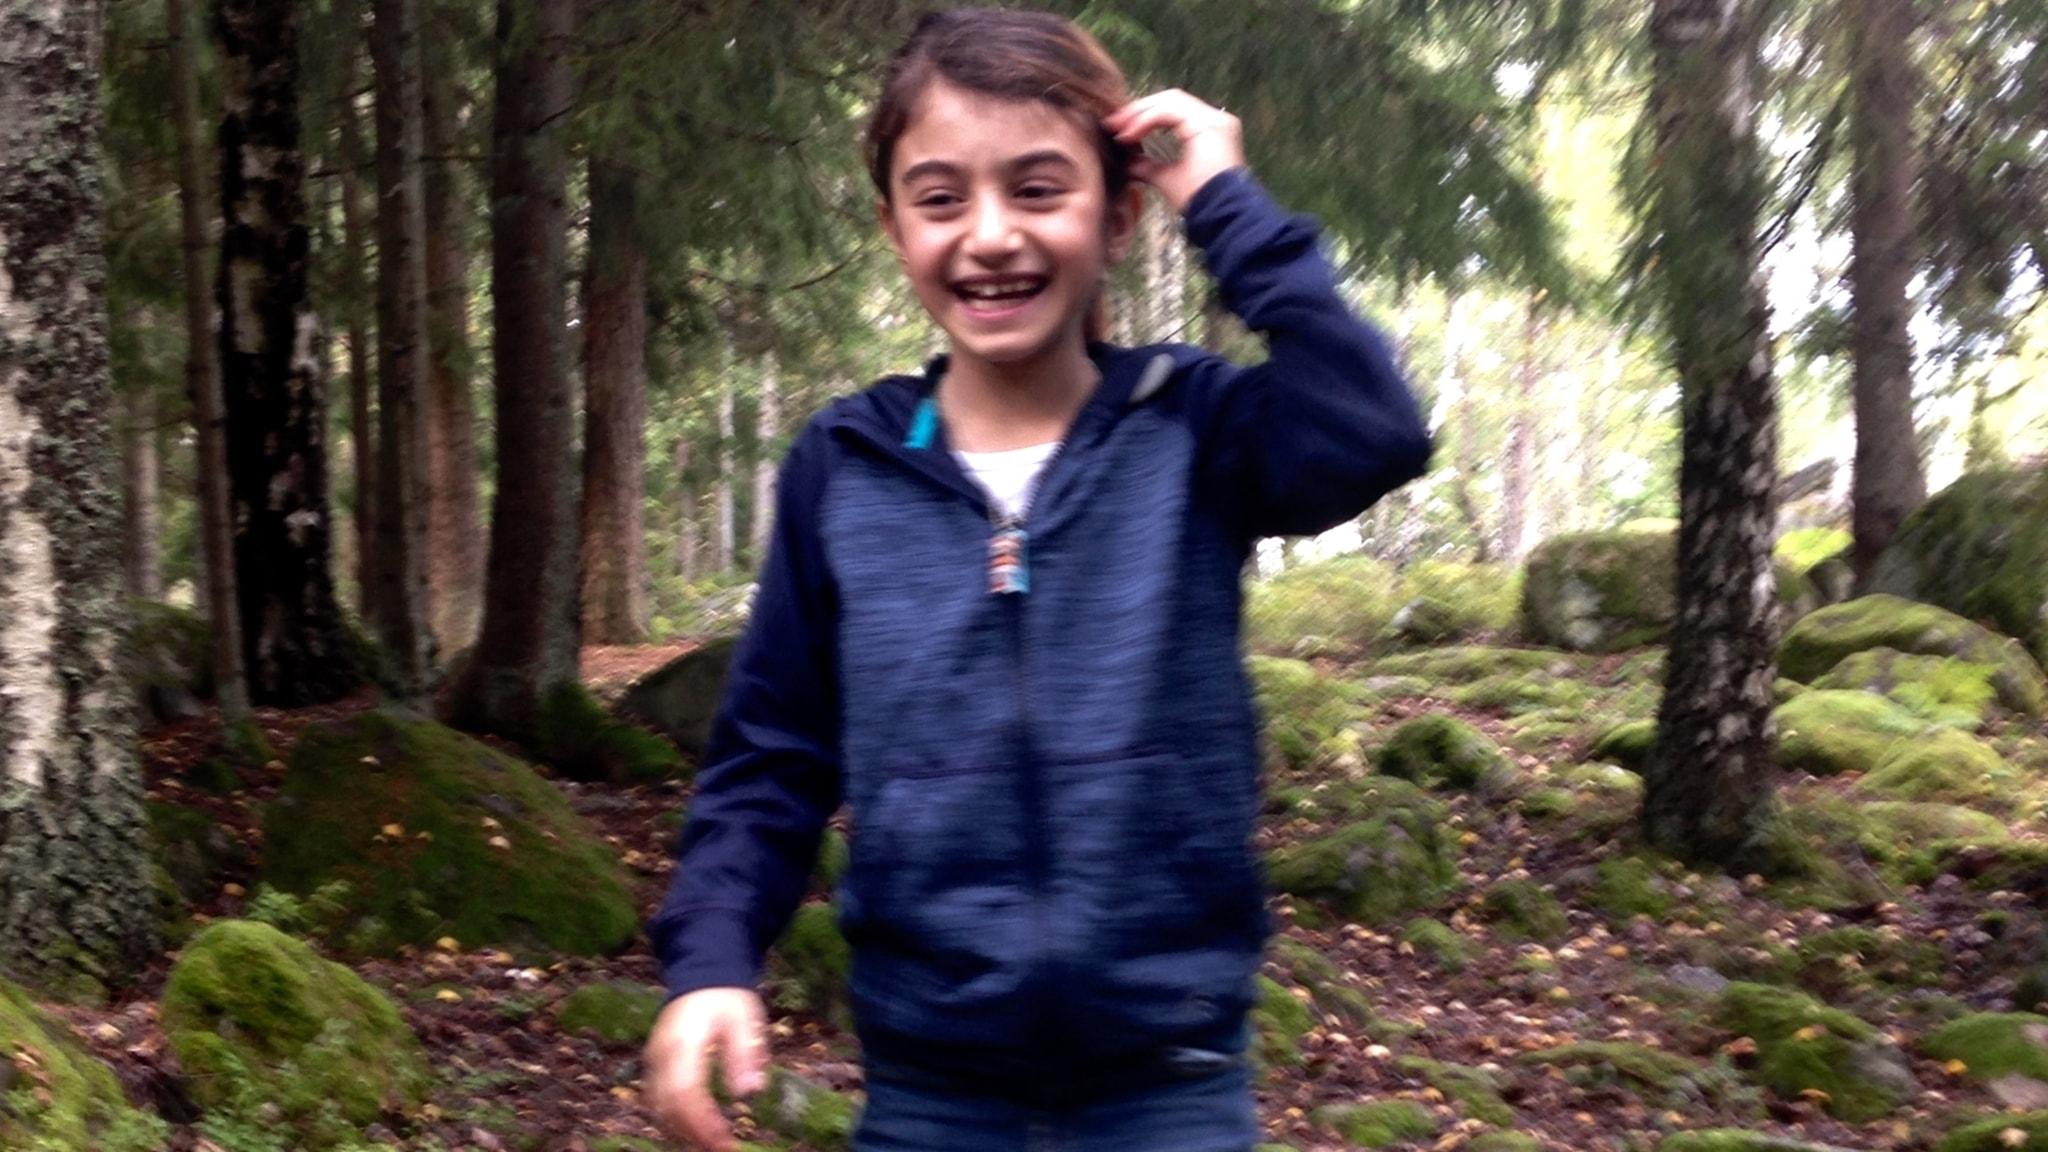 Haiyat Hussein i skogen